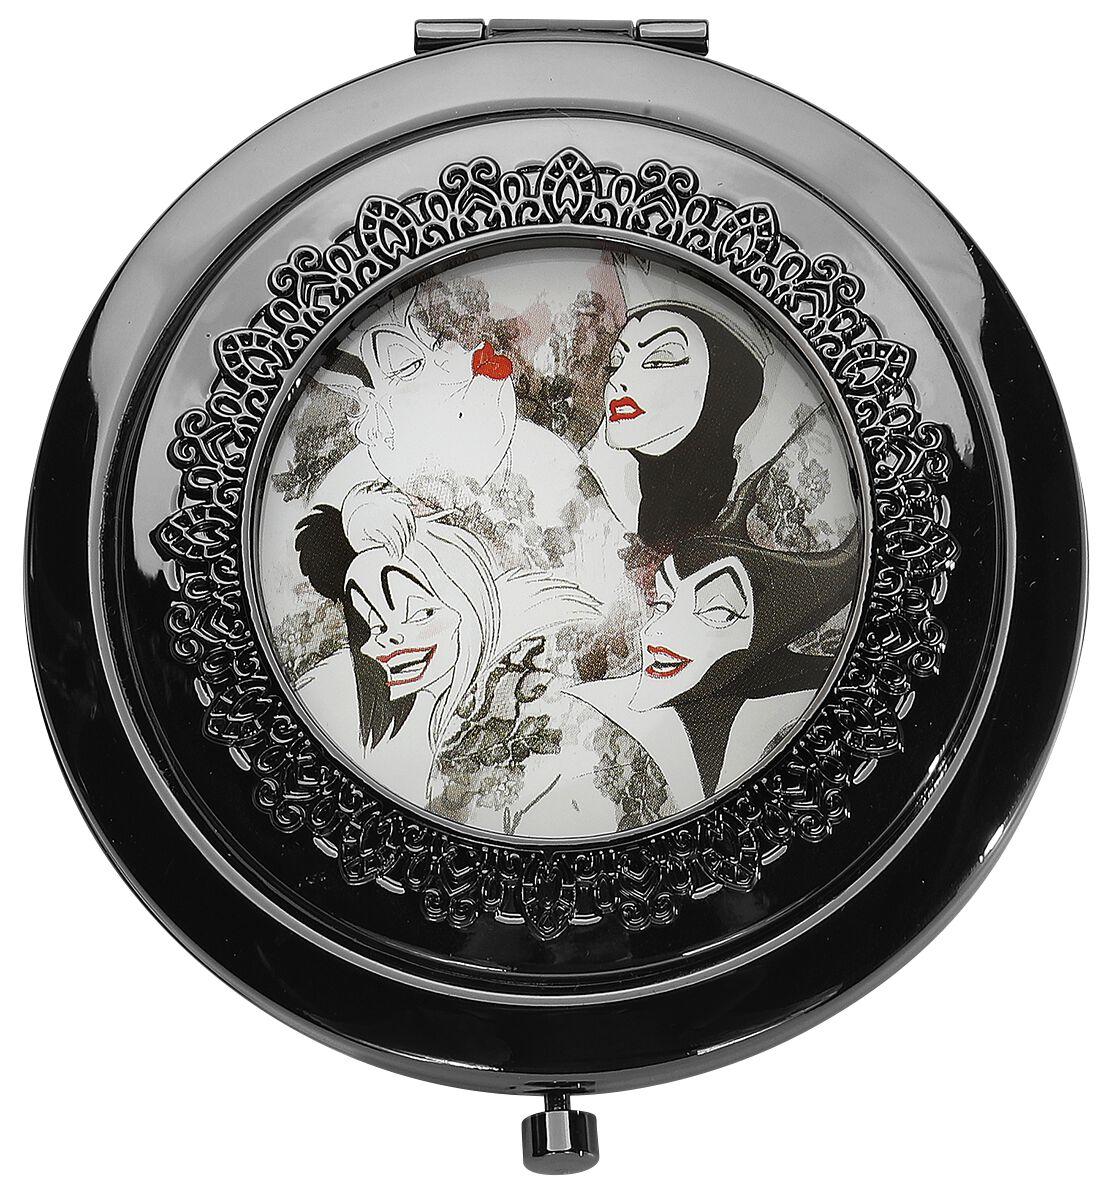 Merch dla Fanów - Kosmetyki - Lusterko kieszonkowe Disney Villains Perfectly Wicked Lusterko kieszonkowe srebrny - 363051